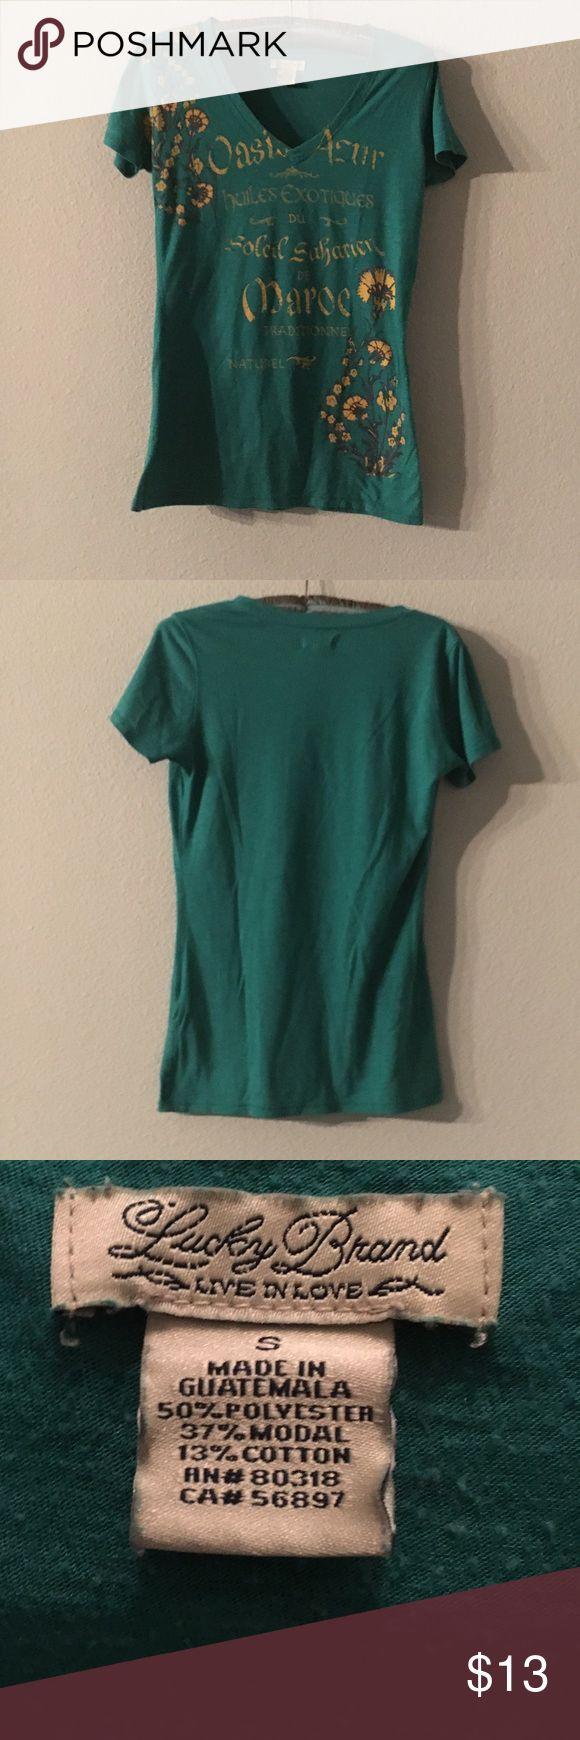 Lucky Brand T-shirt Green Lucky Brand T-shirt seeks new home Lucky Brand Tops Tees - Short Sleeve